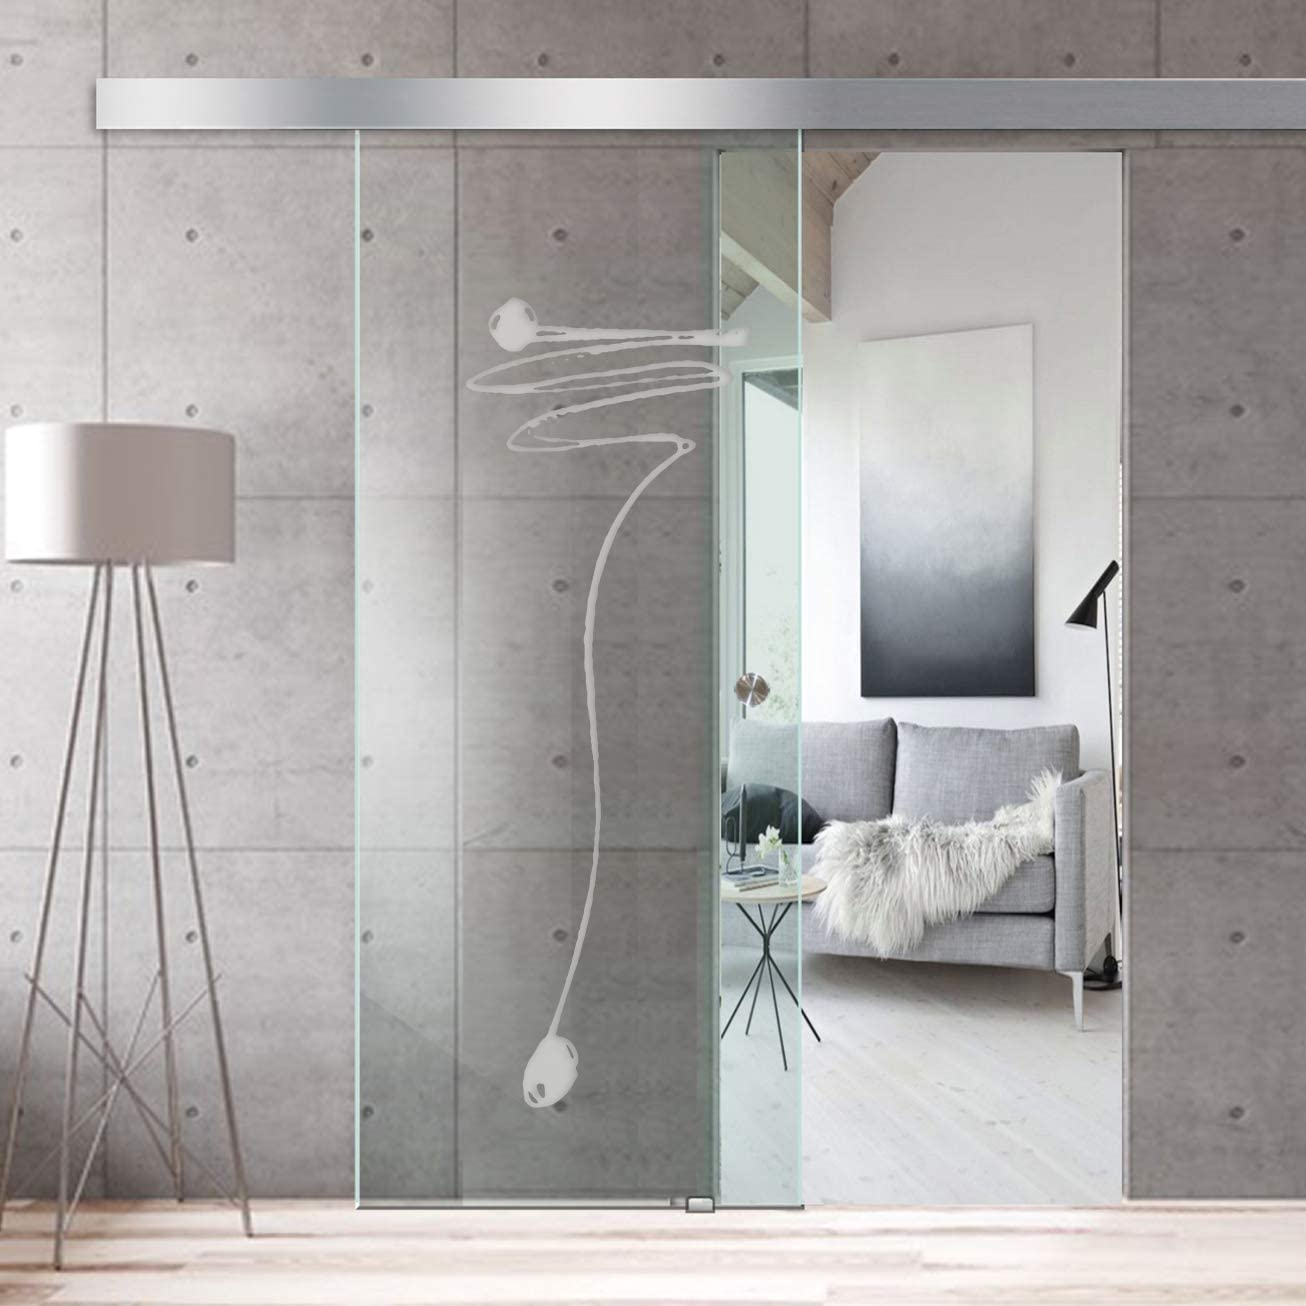 Modern Glass Art - Puerta de cristal deslizante para Boss de diseño interior - Cristal templado de seguridad de 8 mm de grosor, nano revestido, accesorios de acero inoxidable SS304, blanco